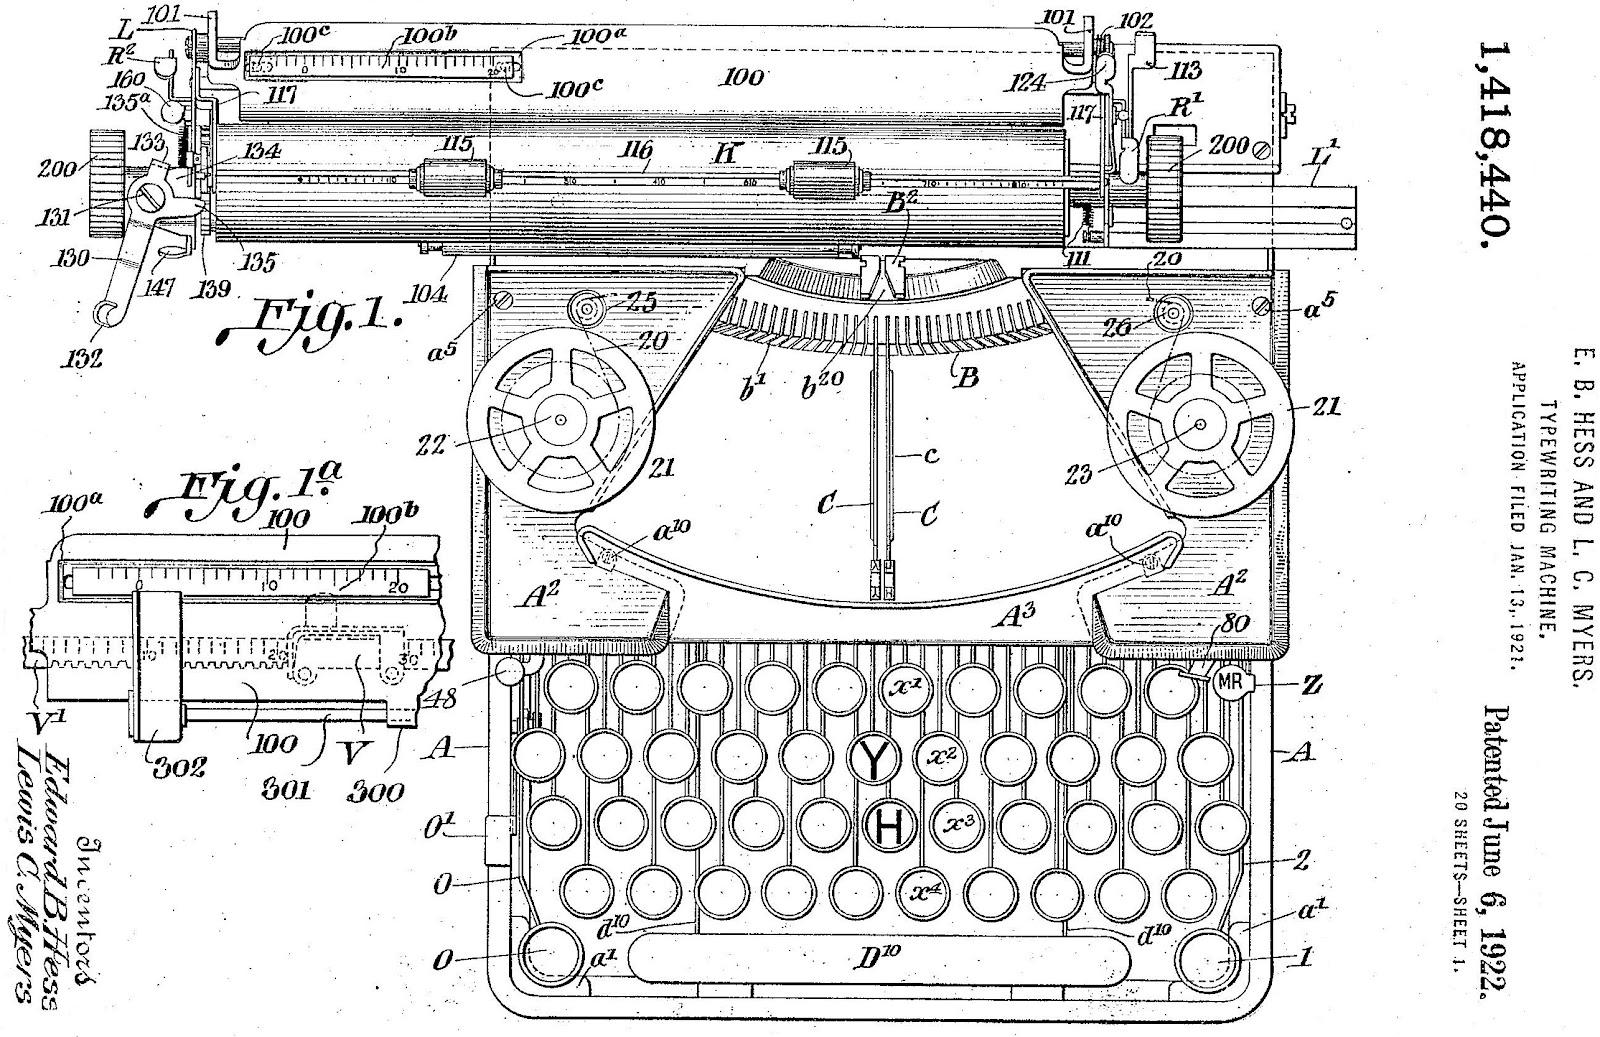 Oz Typewriter The First Royal Portable Typewriter 90